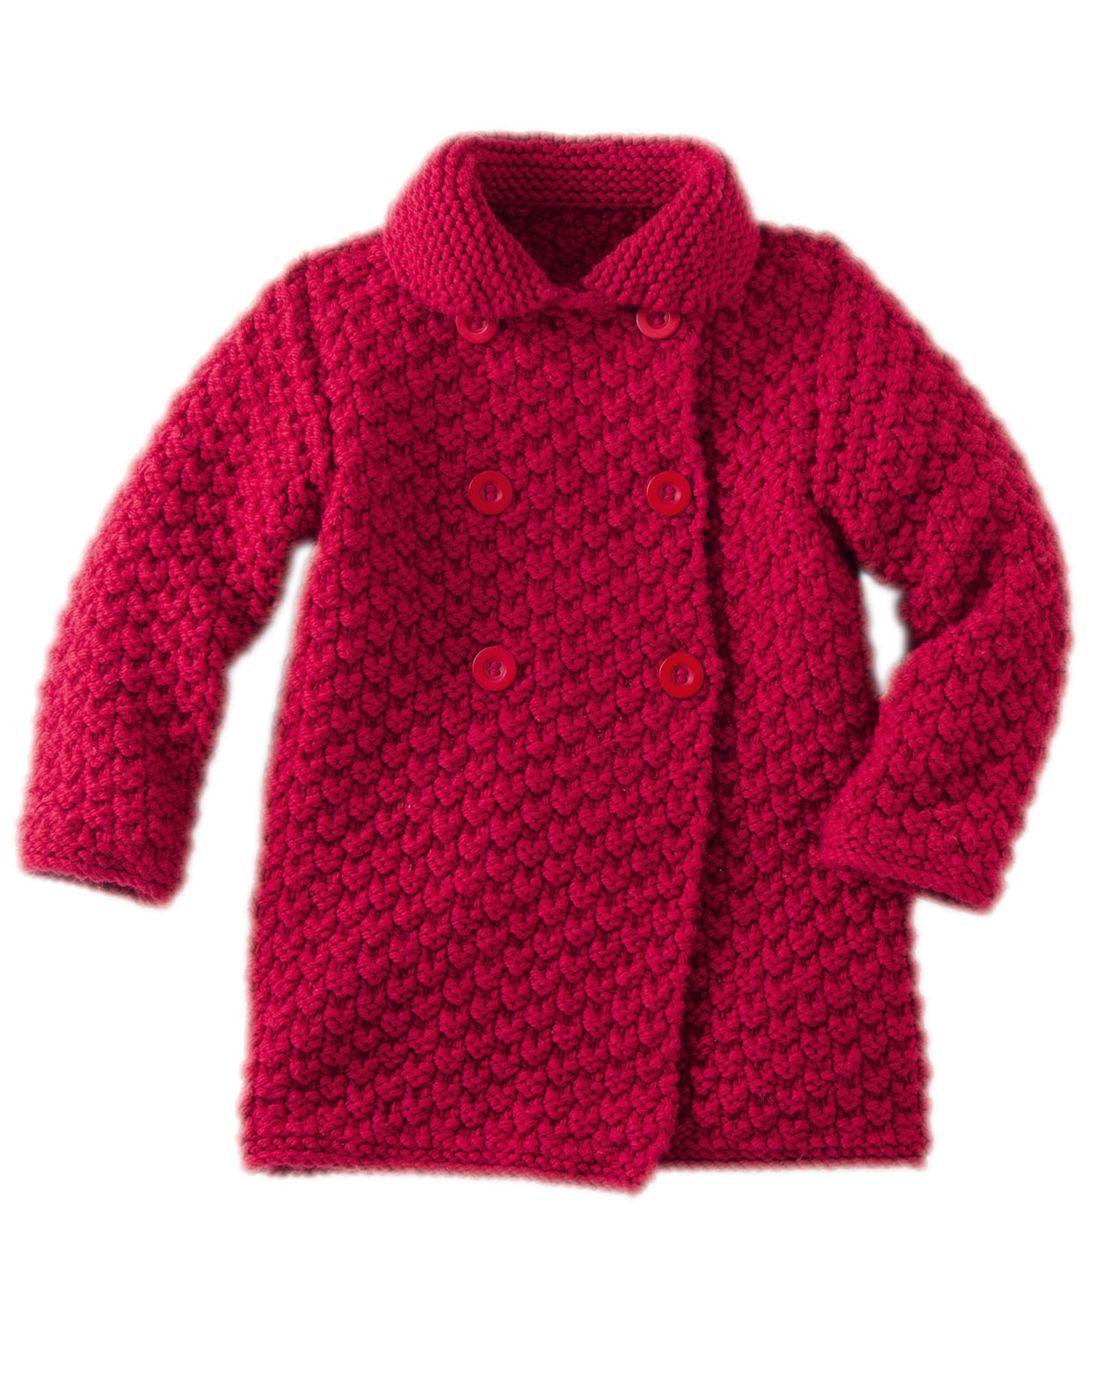 Tricot gratuit : le manteau enfant au point fantaisie